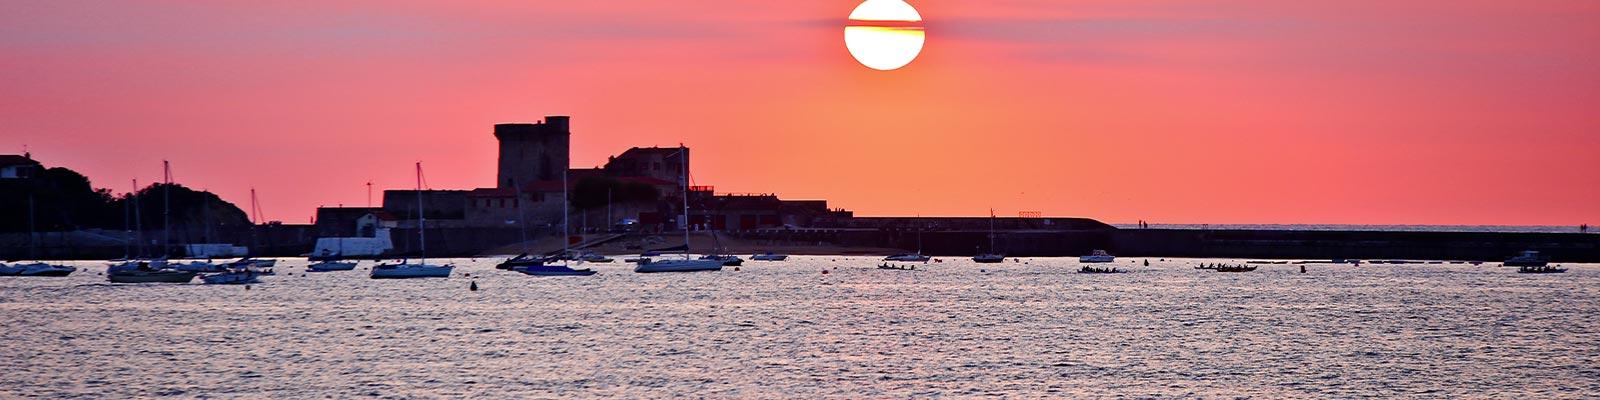 Top 5 des soci t s de location de bateau saint jean de luz - Camping saint jean de luz avec piscine ...